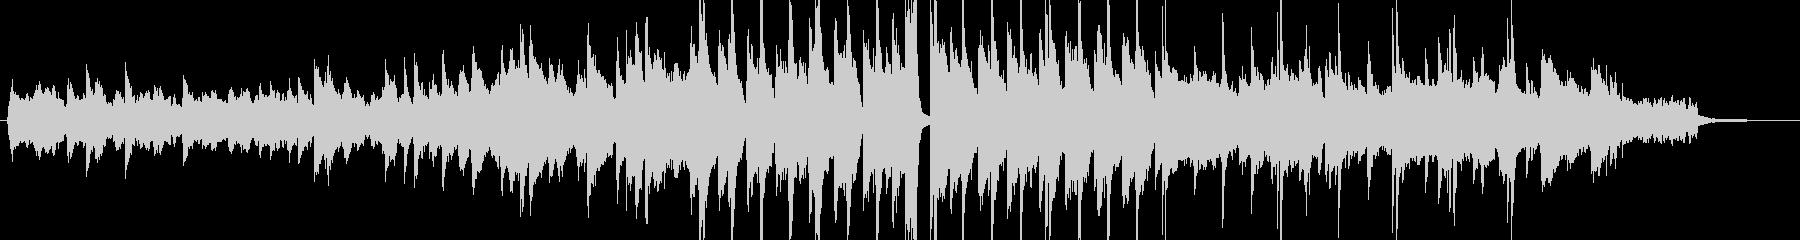 渋めのジャズサックスの未再生の波形